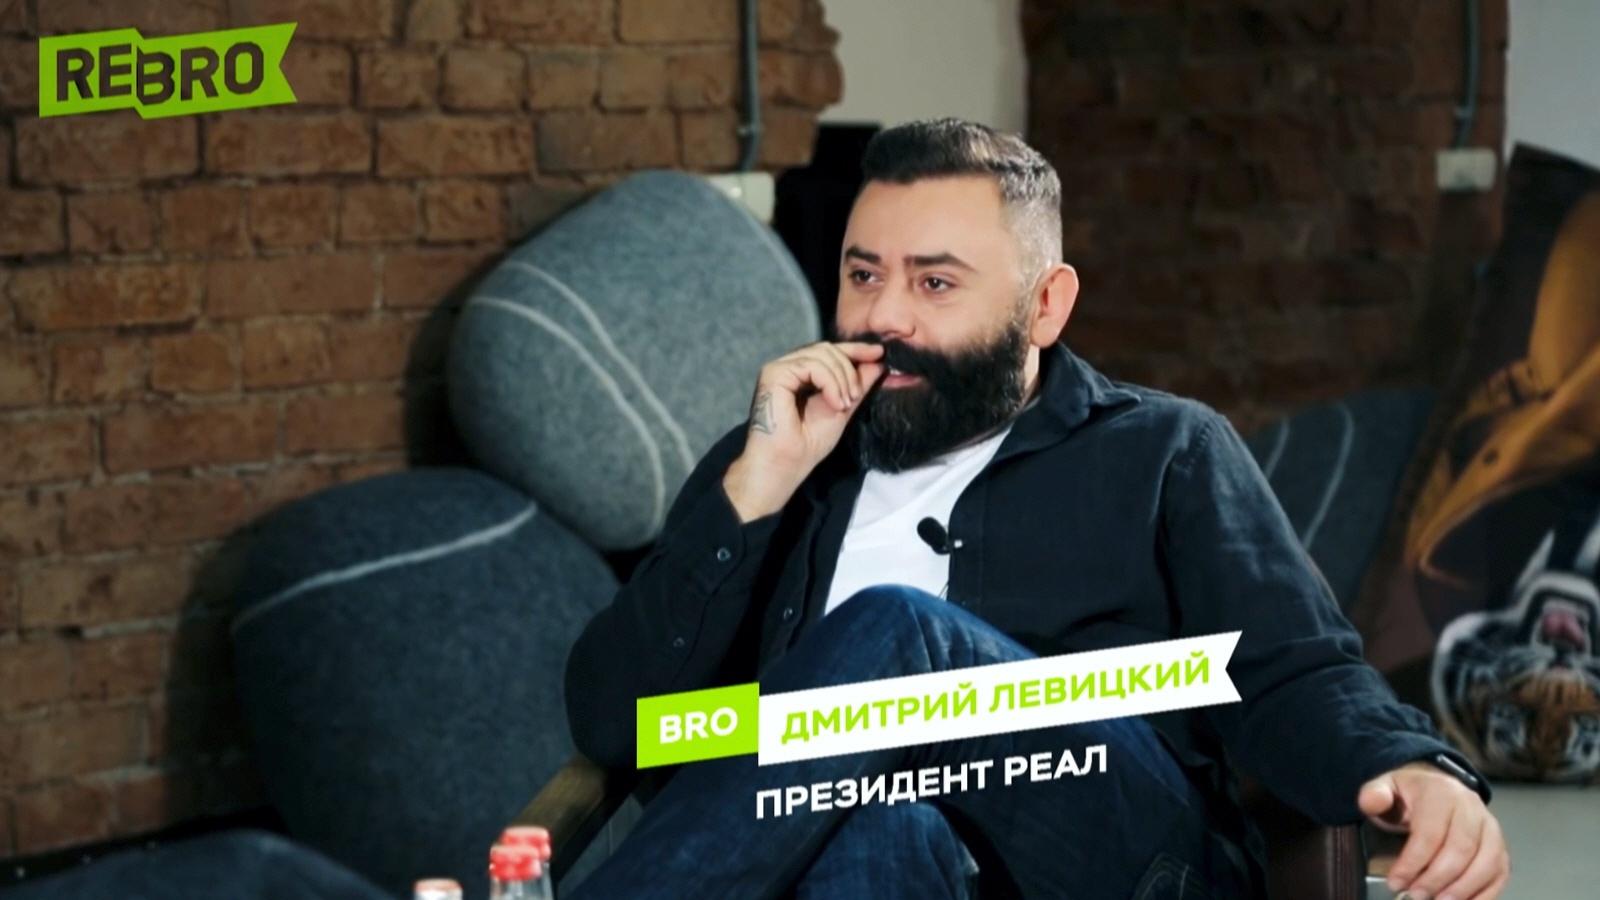 Дмитрий Левицкий - ведущий программы ReBro